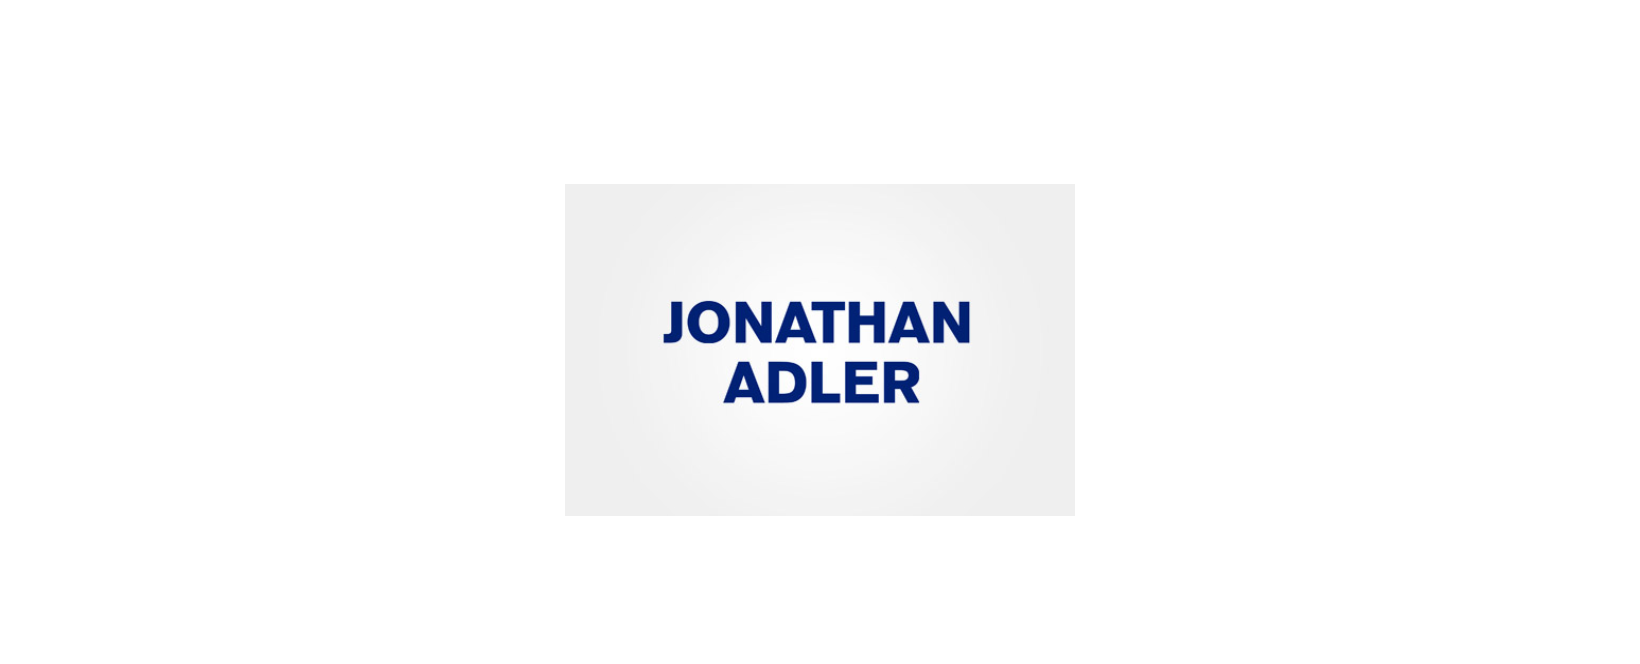 Jonathan Adler Coupon Code 2021